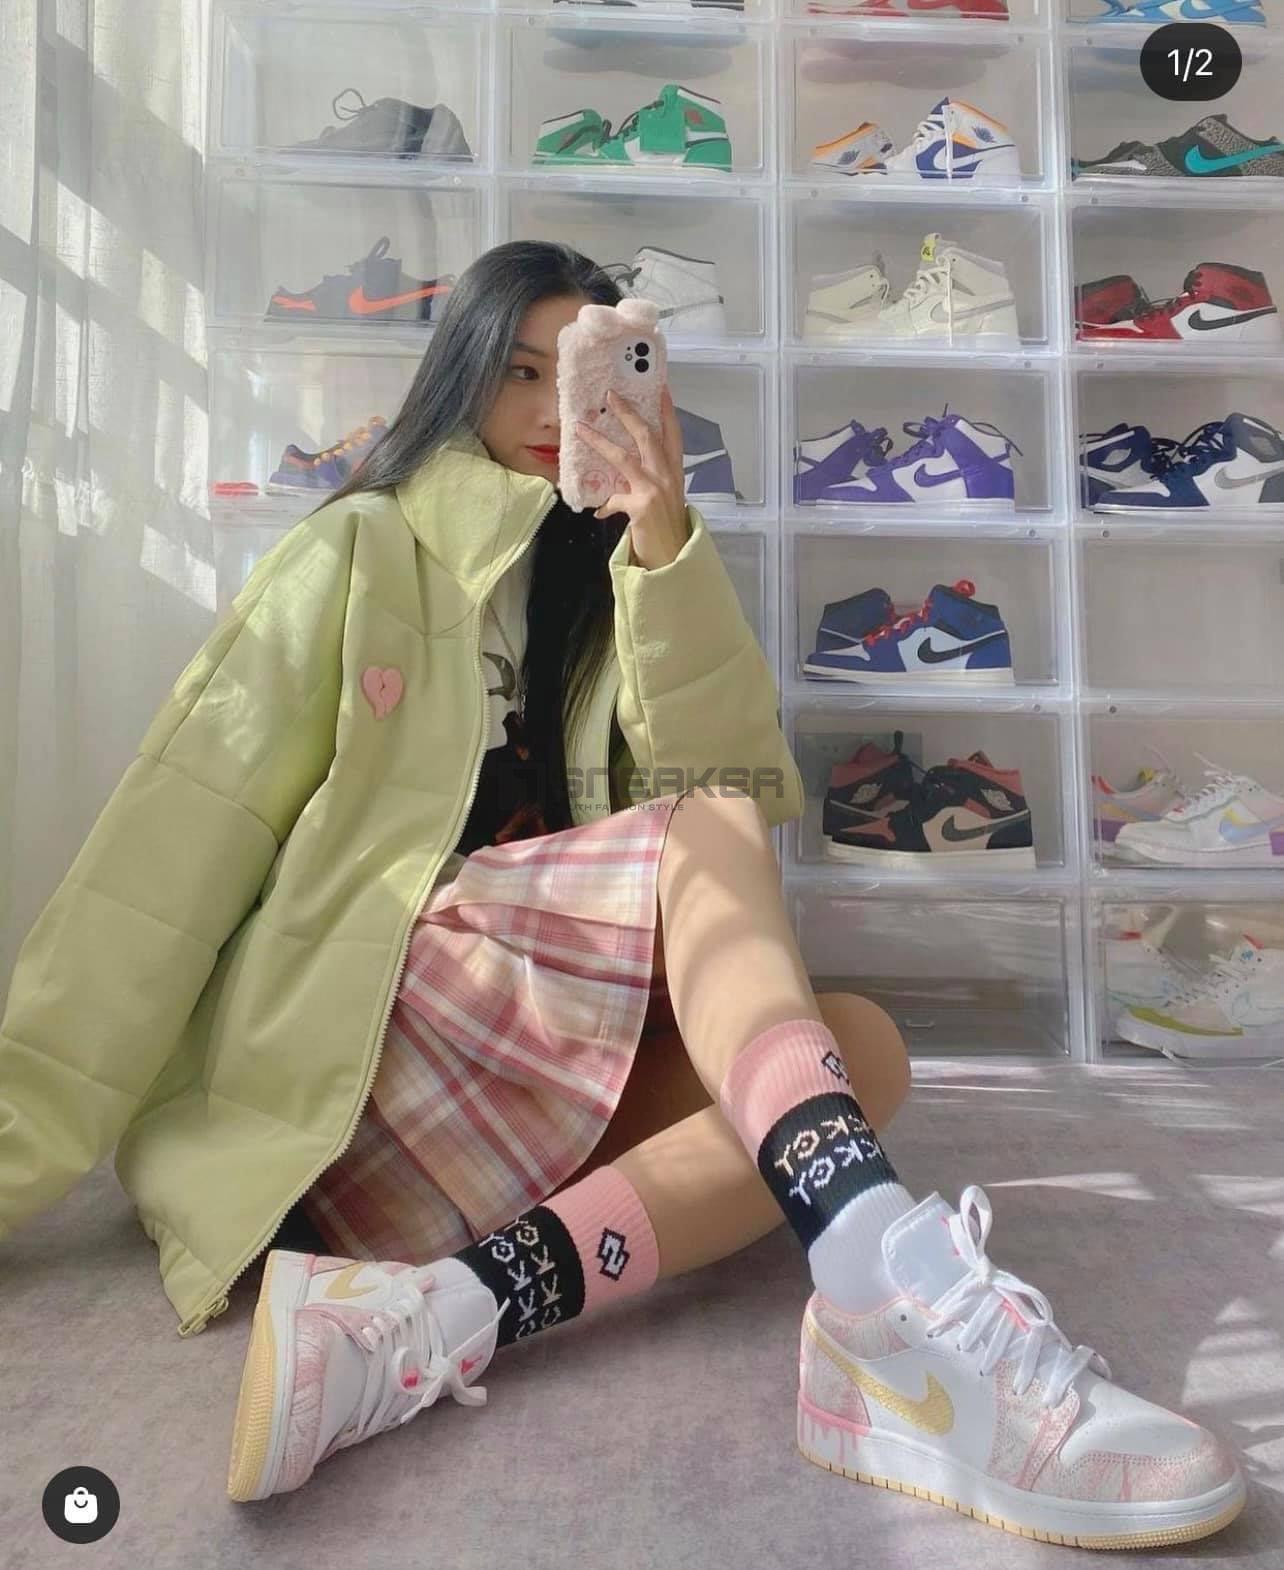 Giày Nike Air Jordan 1 Low Paint Drip được các bạn nữ yêu thích